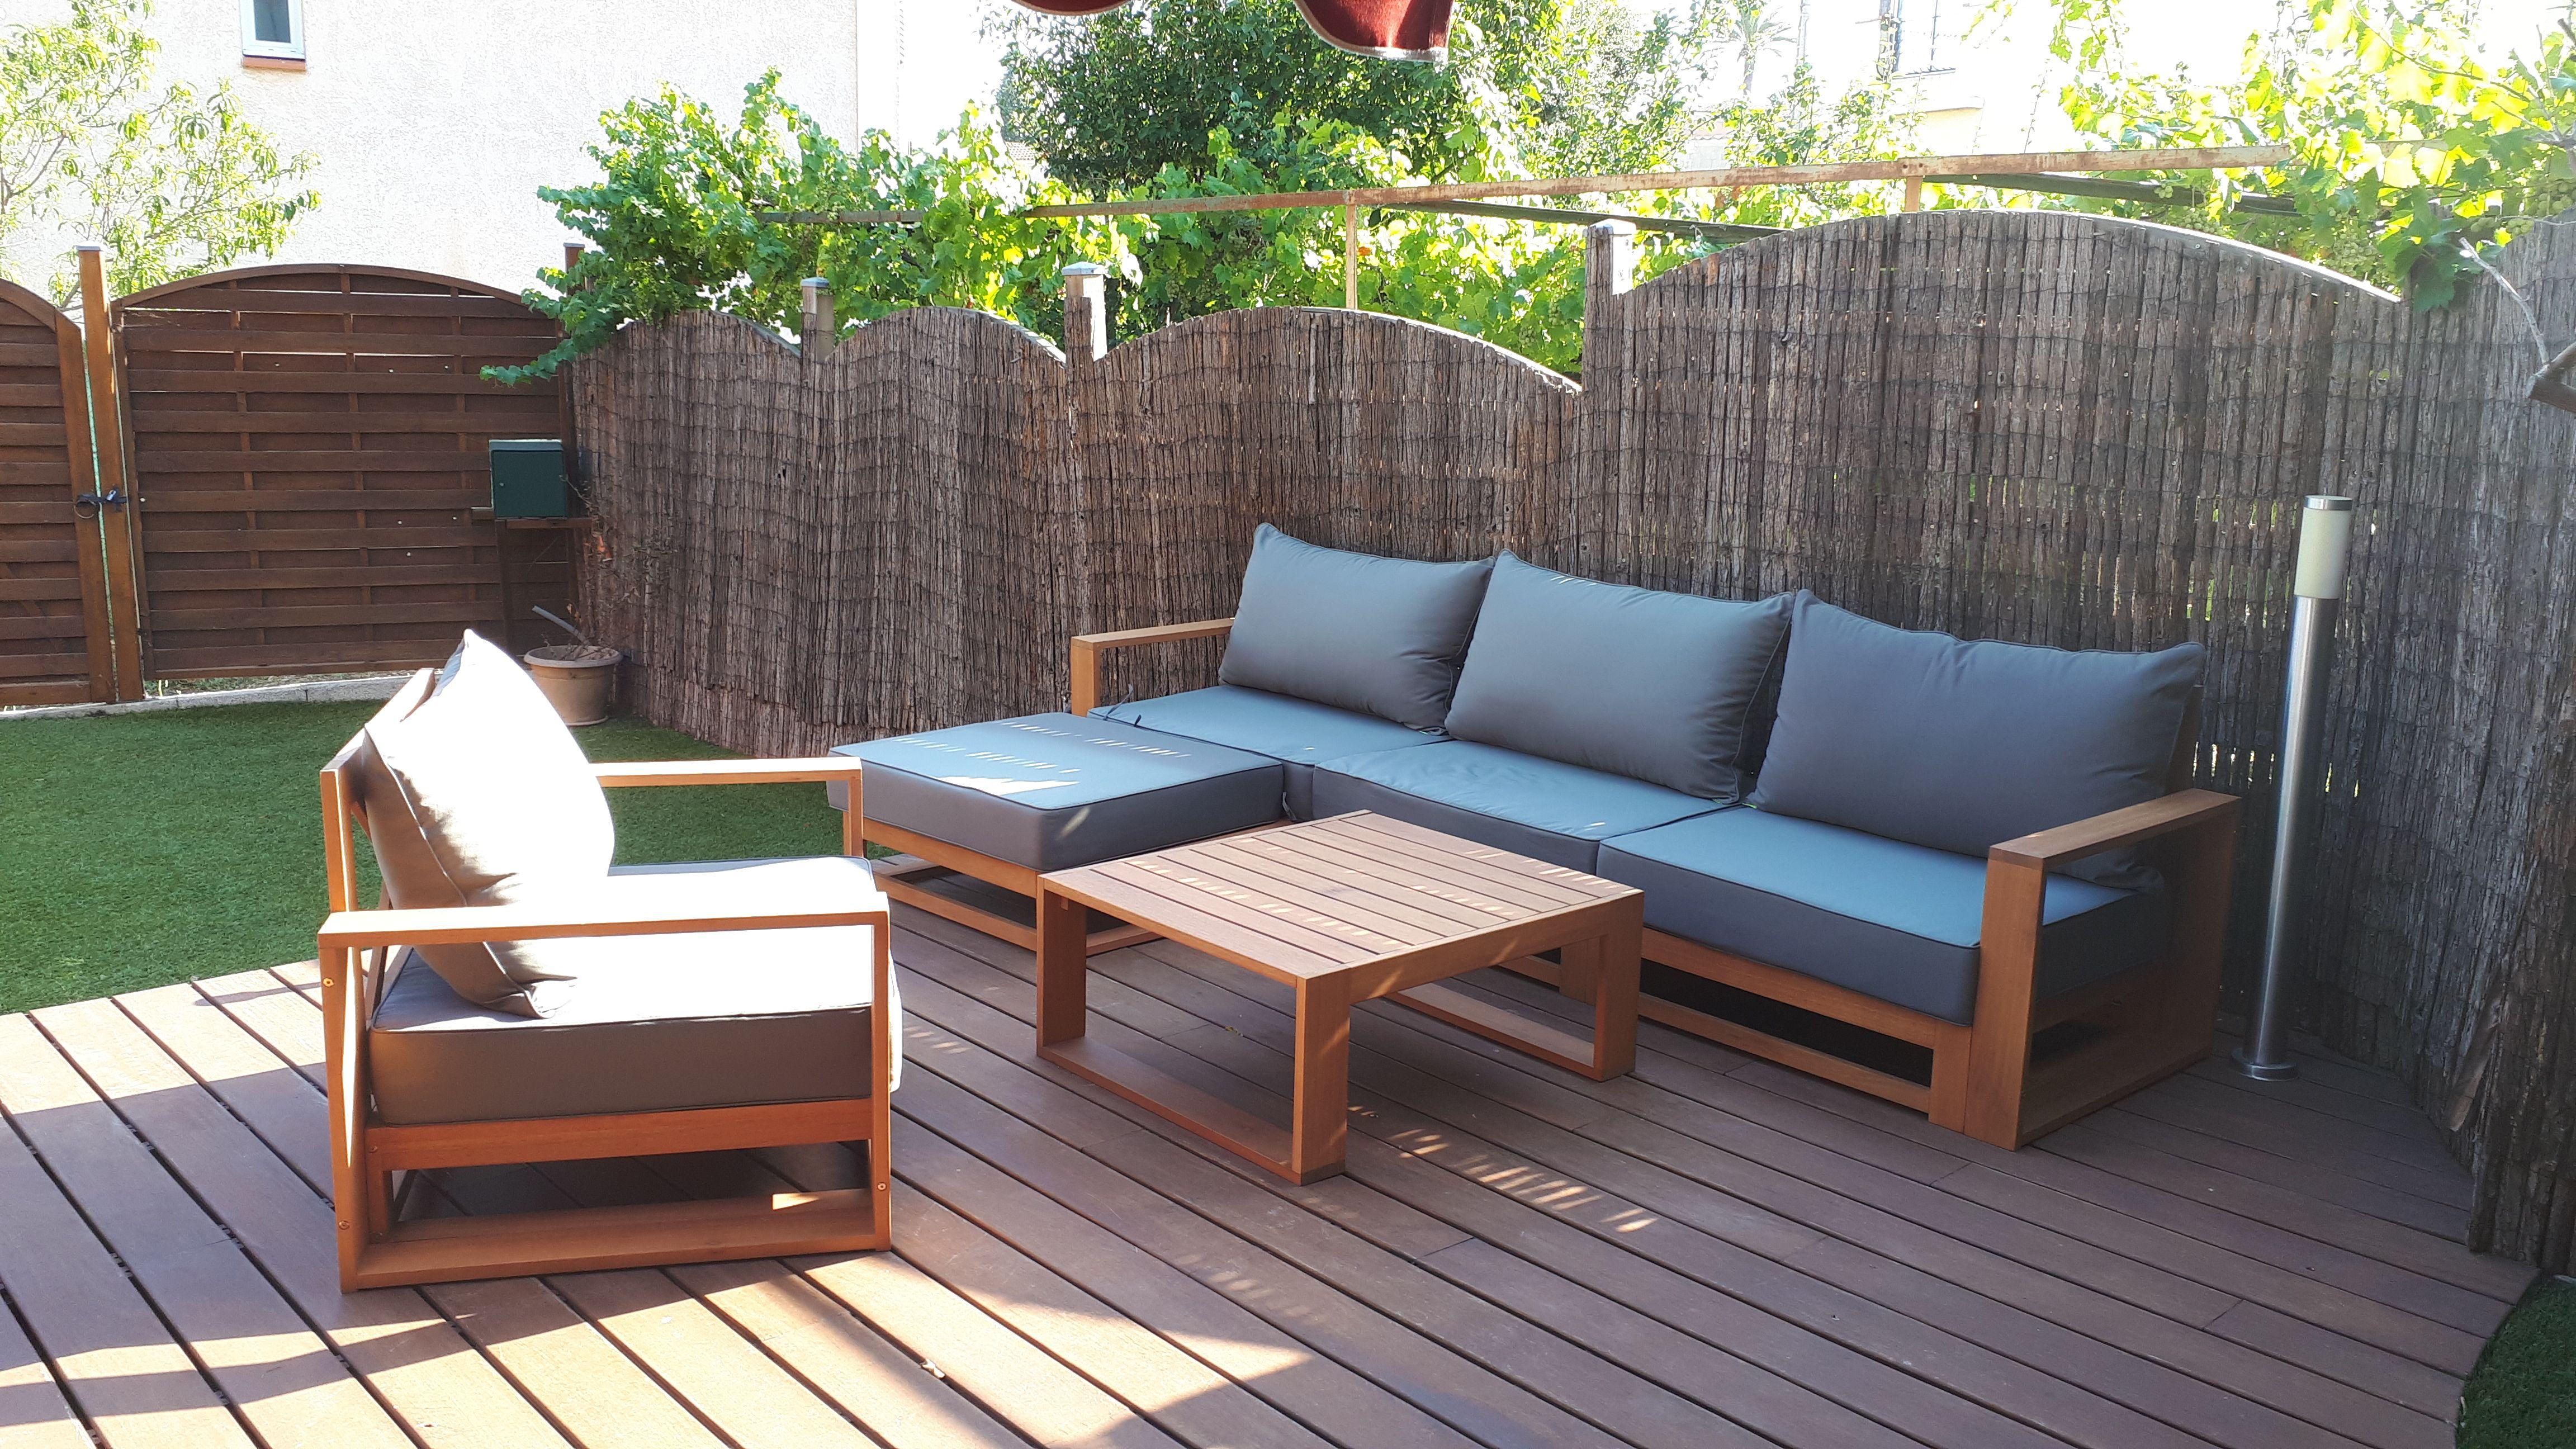 Selva : Salon de jardin, coussin gris anthracite, 5 places assises ...